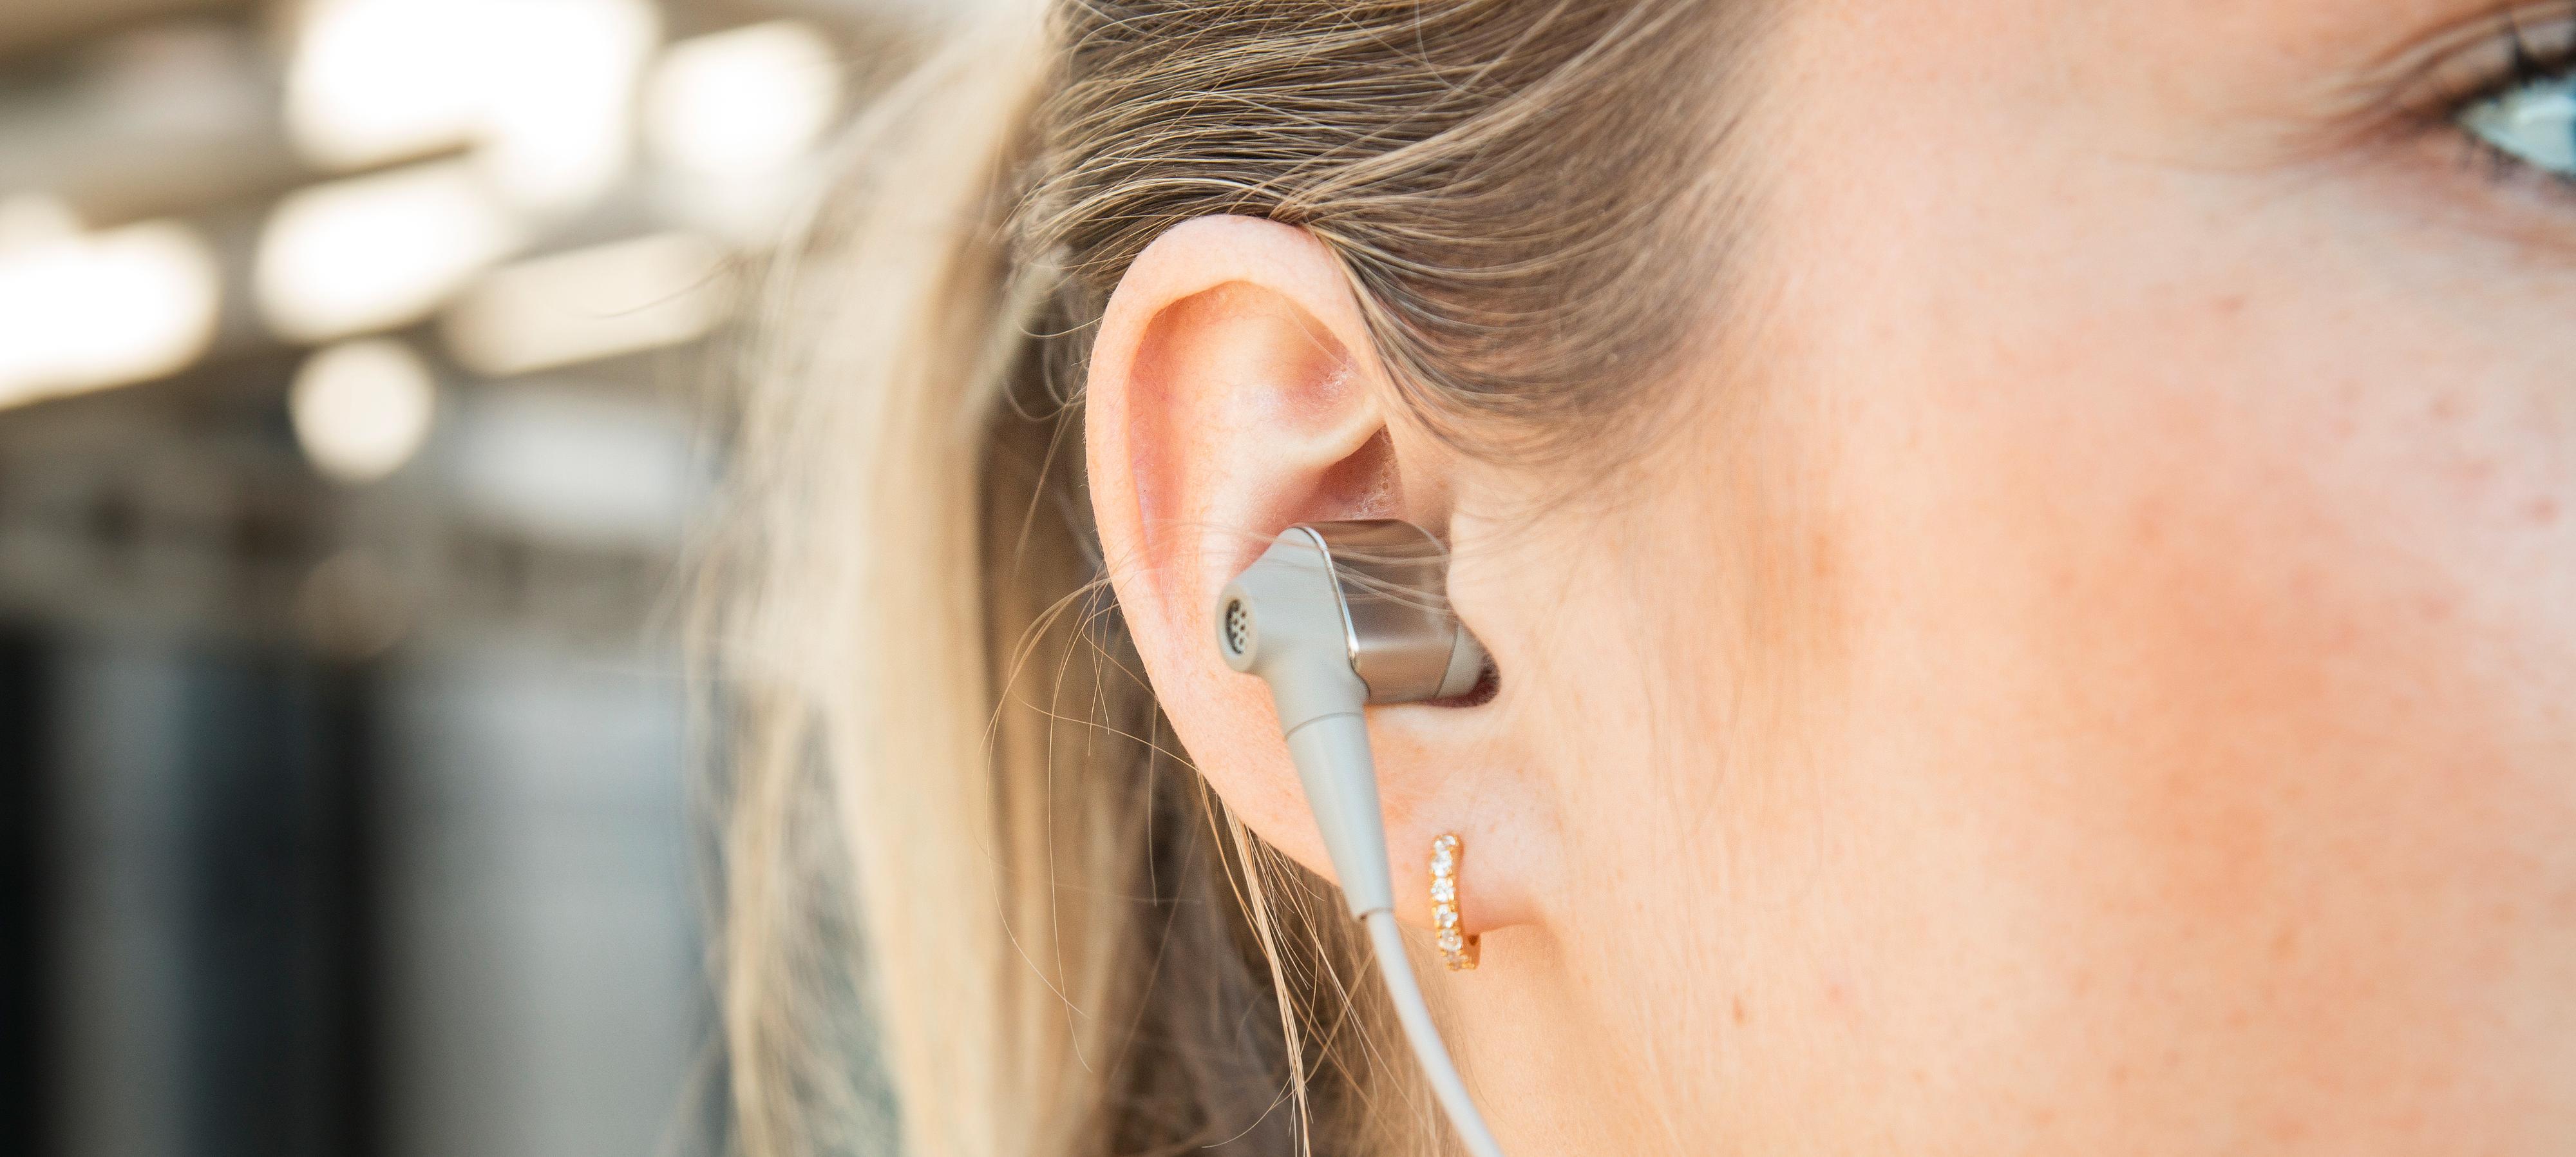 WI-1000X stikker middels langt ut av øret, men nakkekragen gjør at de sitter godt på plass.